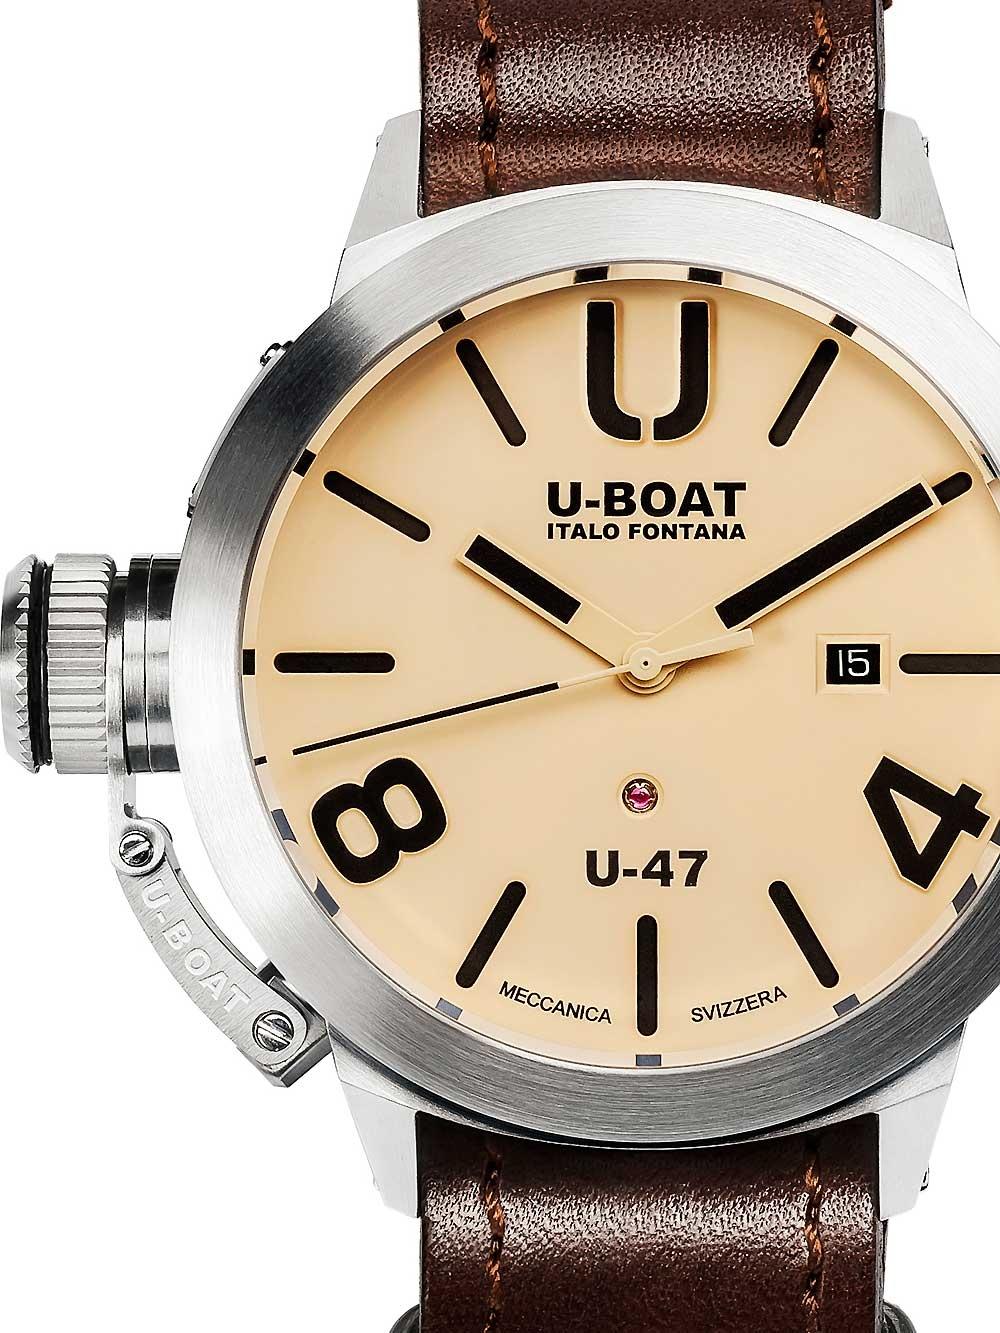 8106 Classico U-47 Automatik beige 47mm 100M